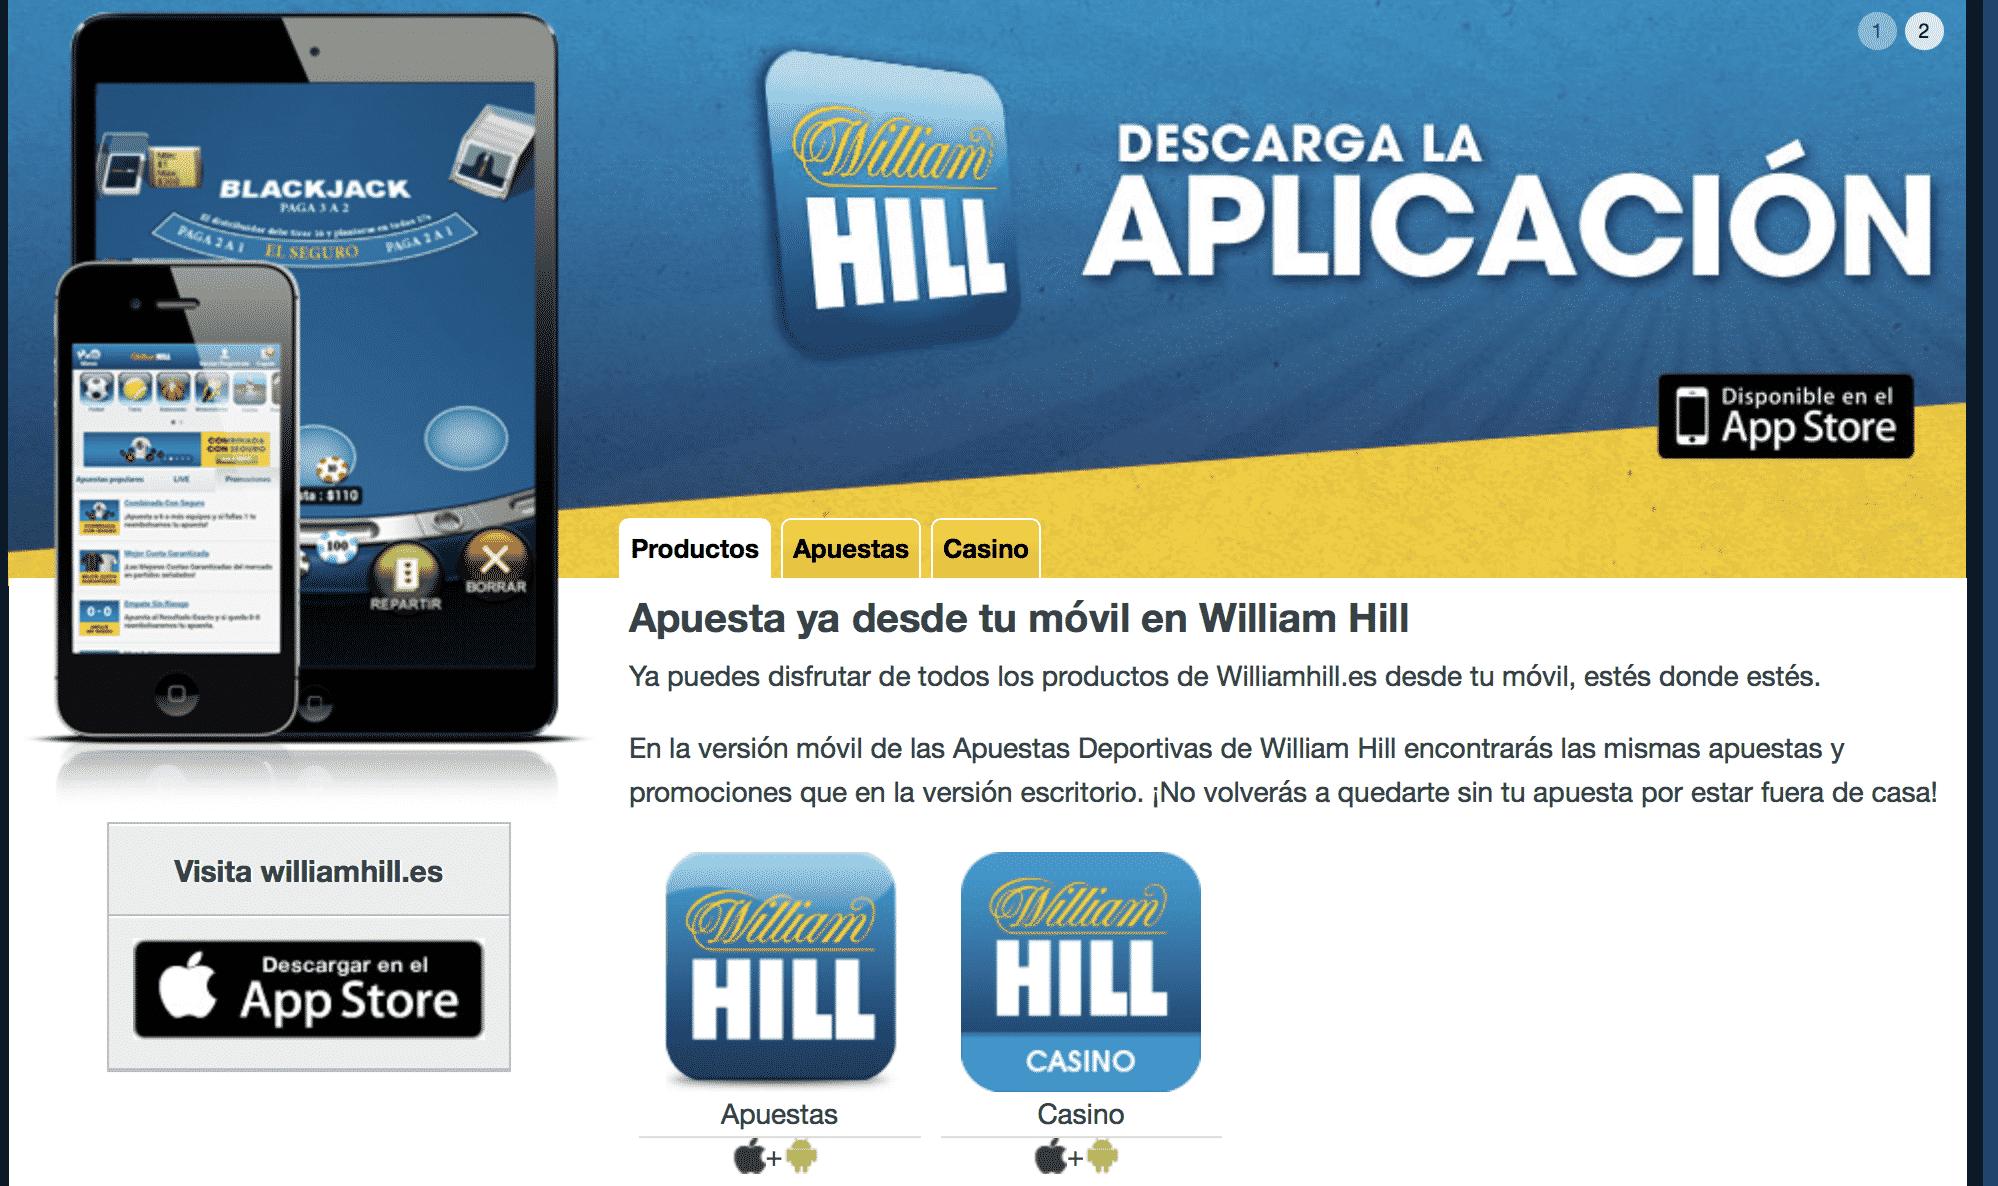 William hill casino los mejores online Madrid-89412